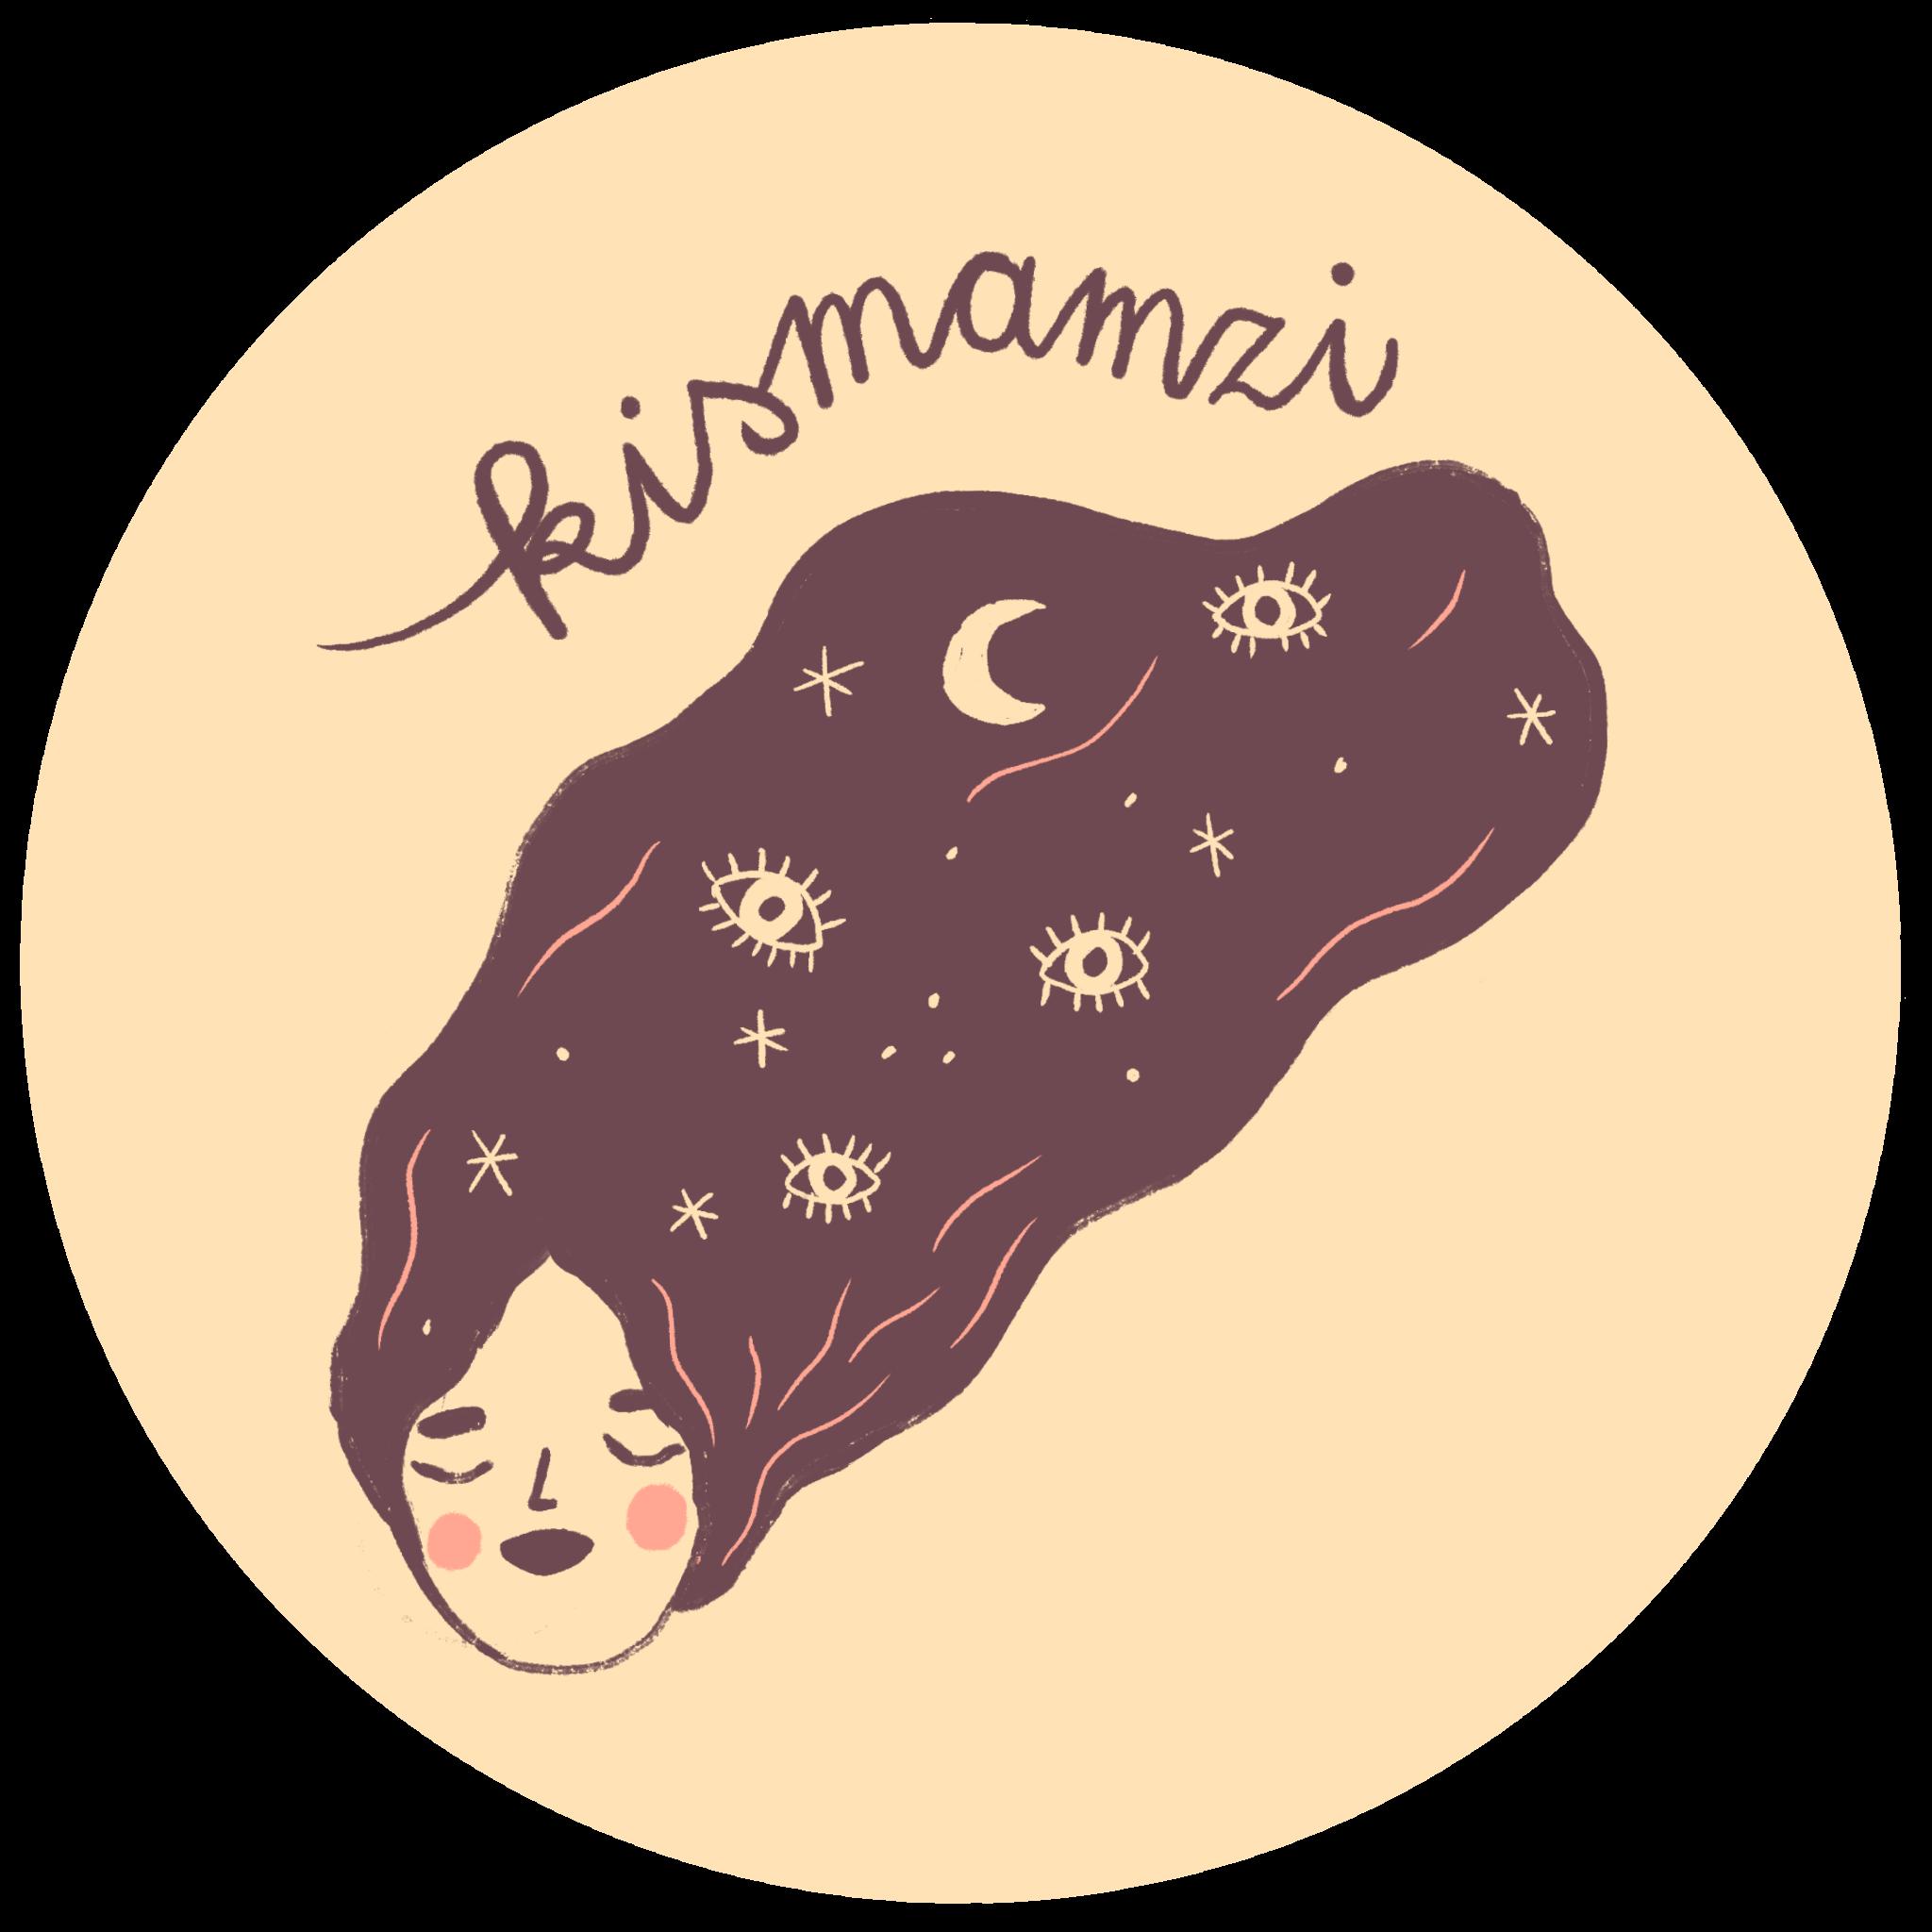 Kismamzi logó